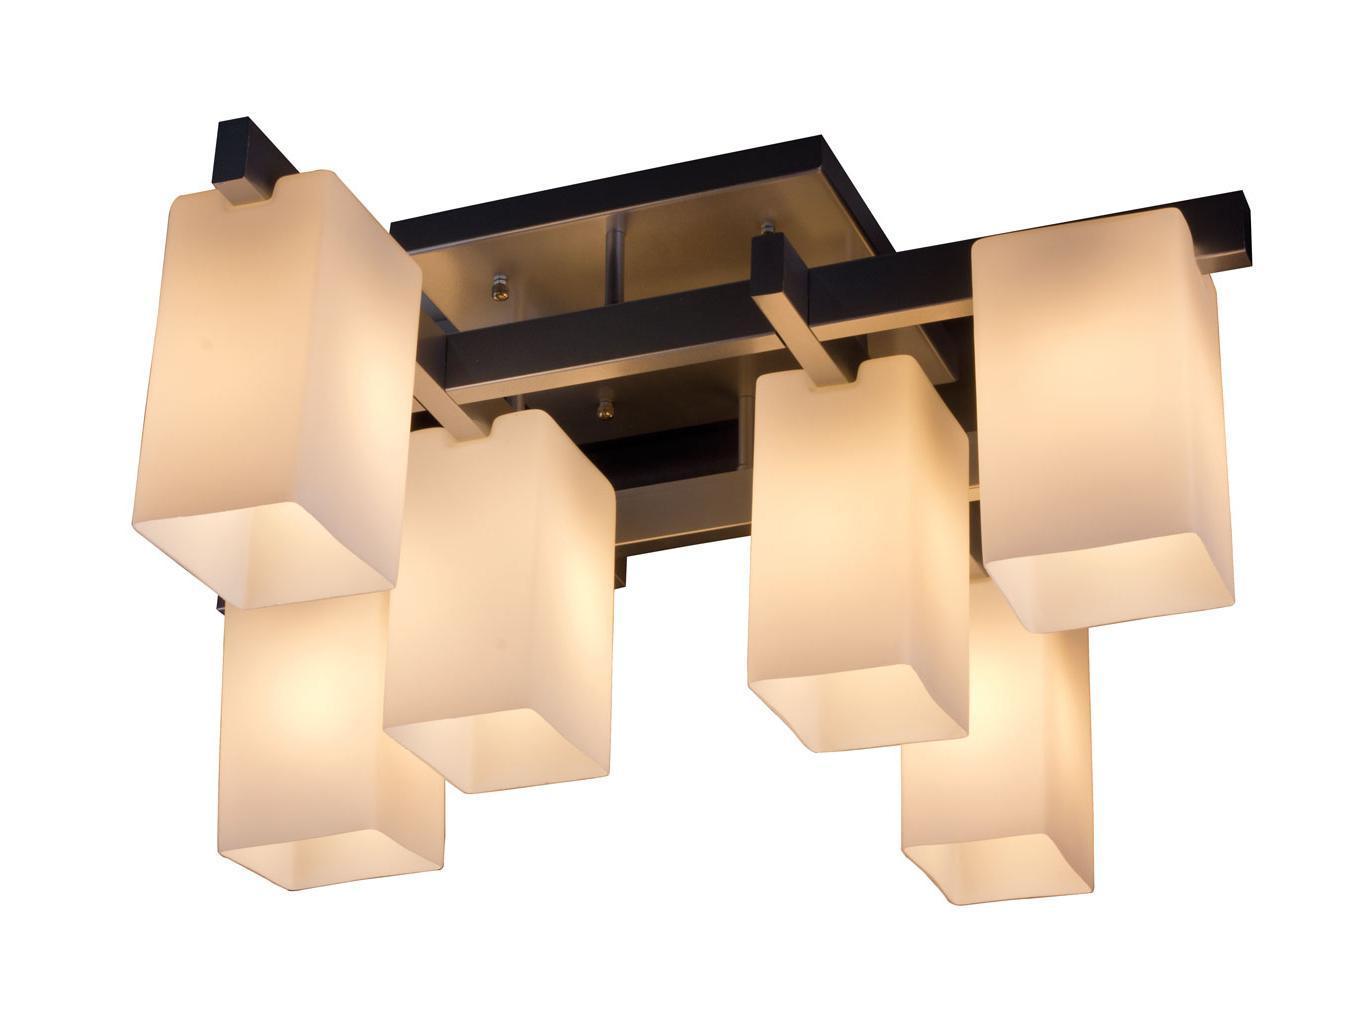 Потолочный светильник ST Luce SL541 102 06 светильник потолочный st luce sl764 sl764 102 24